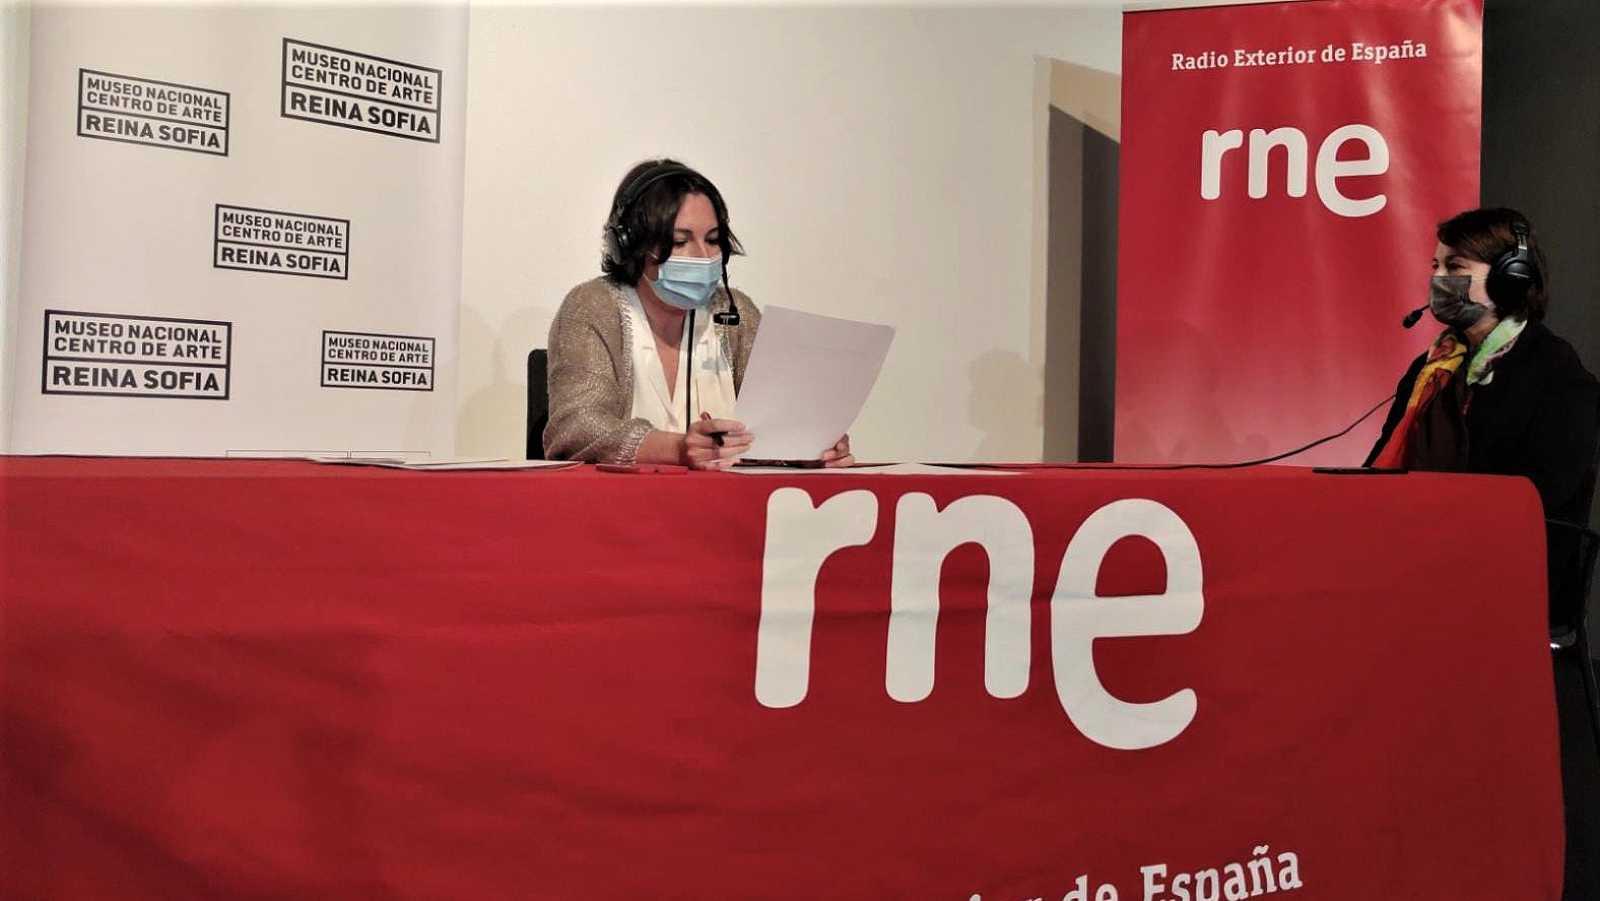 Artesfera - 'Frente y retaguardia: mujeres en la Guerra Civil', en el museo Reina Sofía - 13/04/21 - escuchar ahora